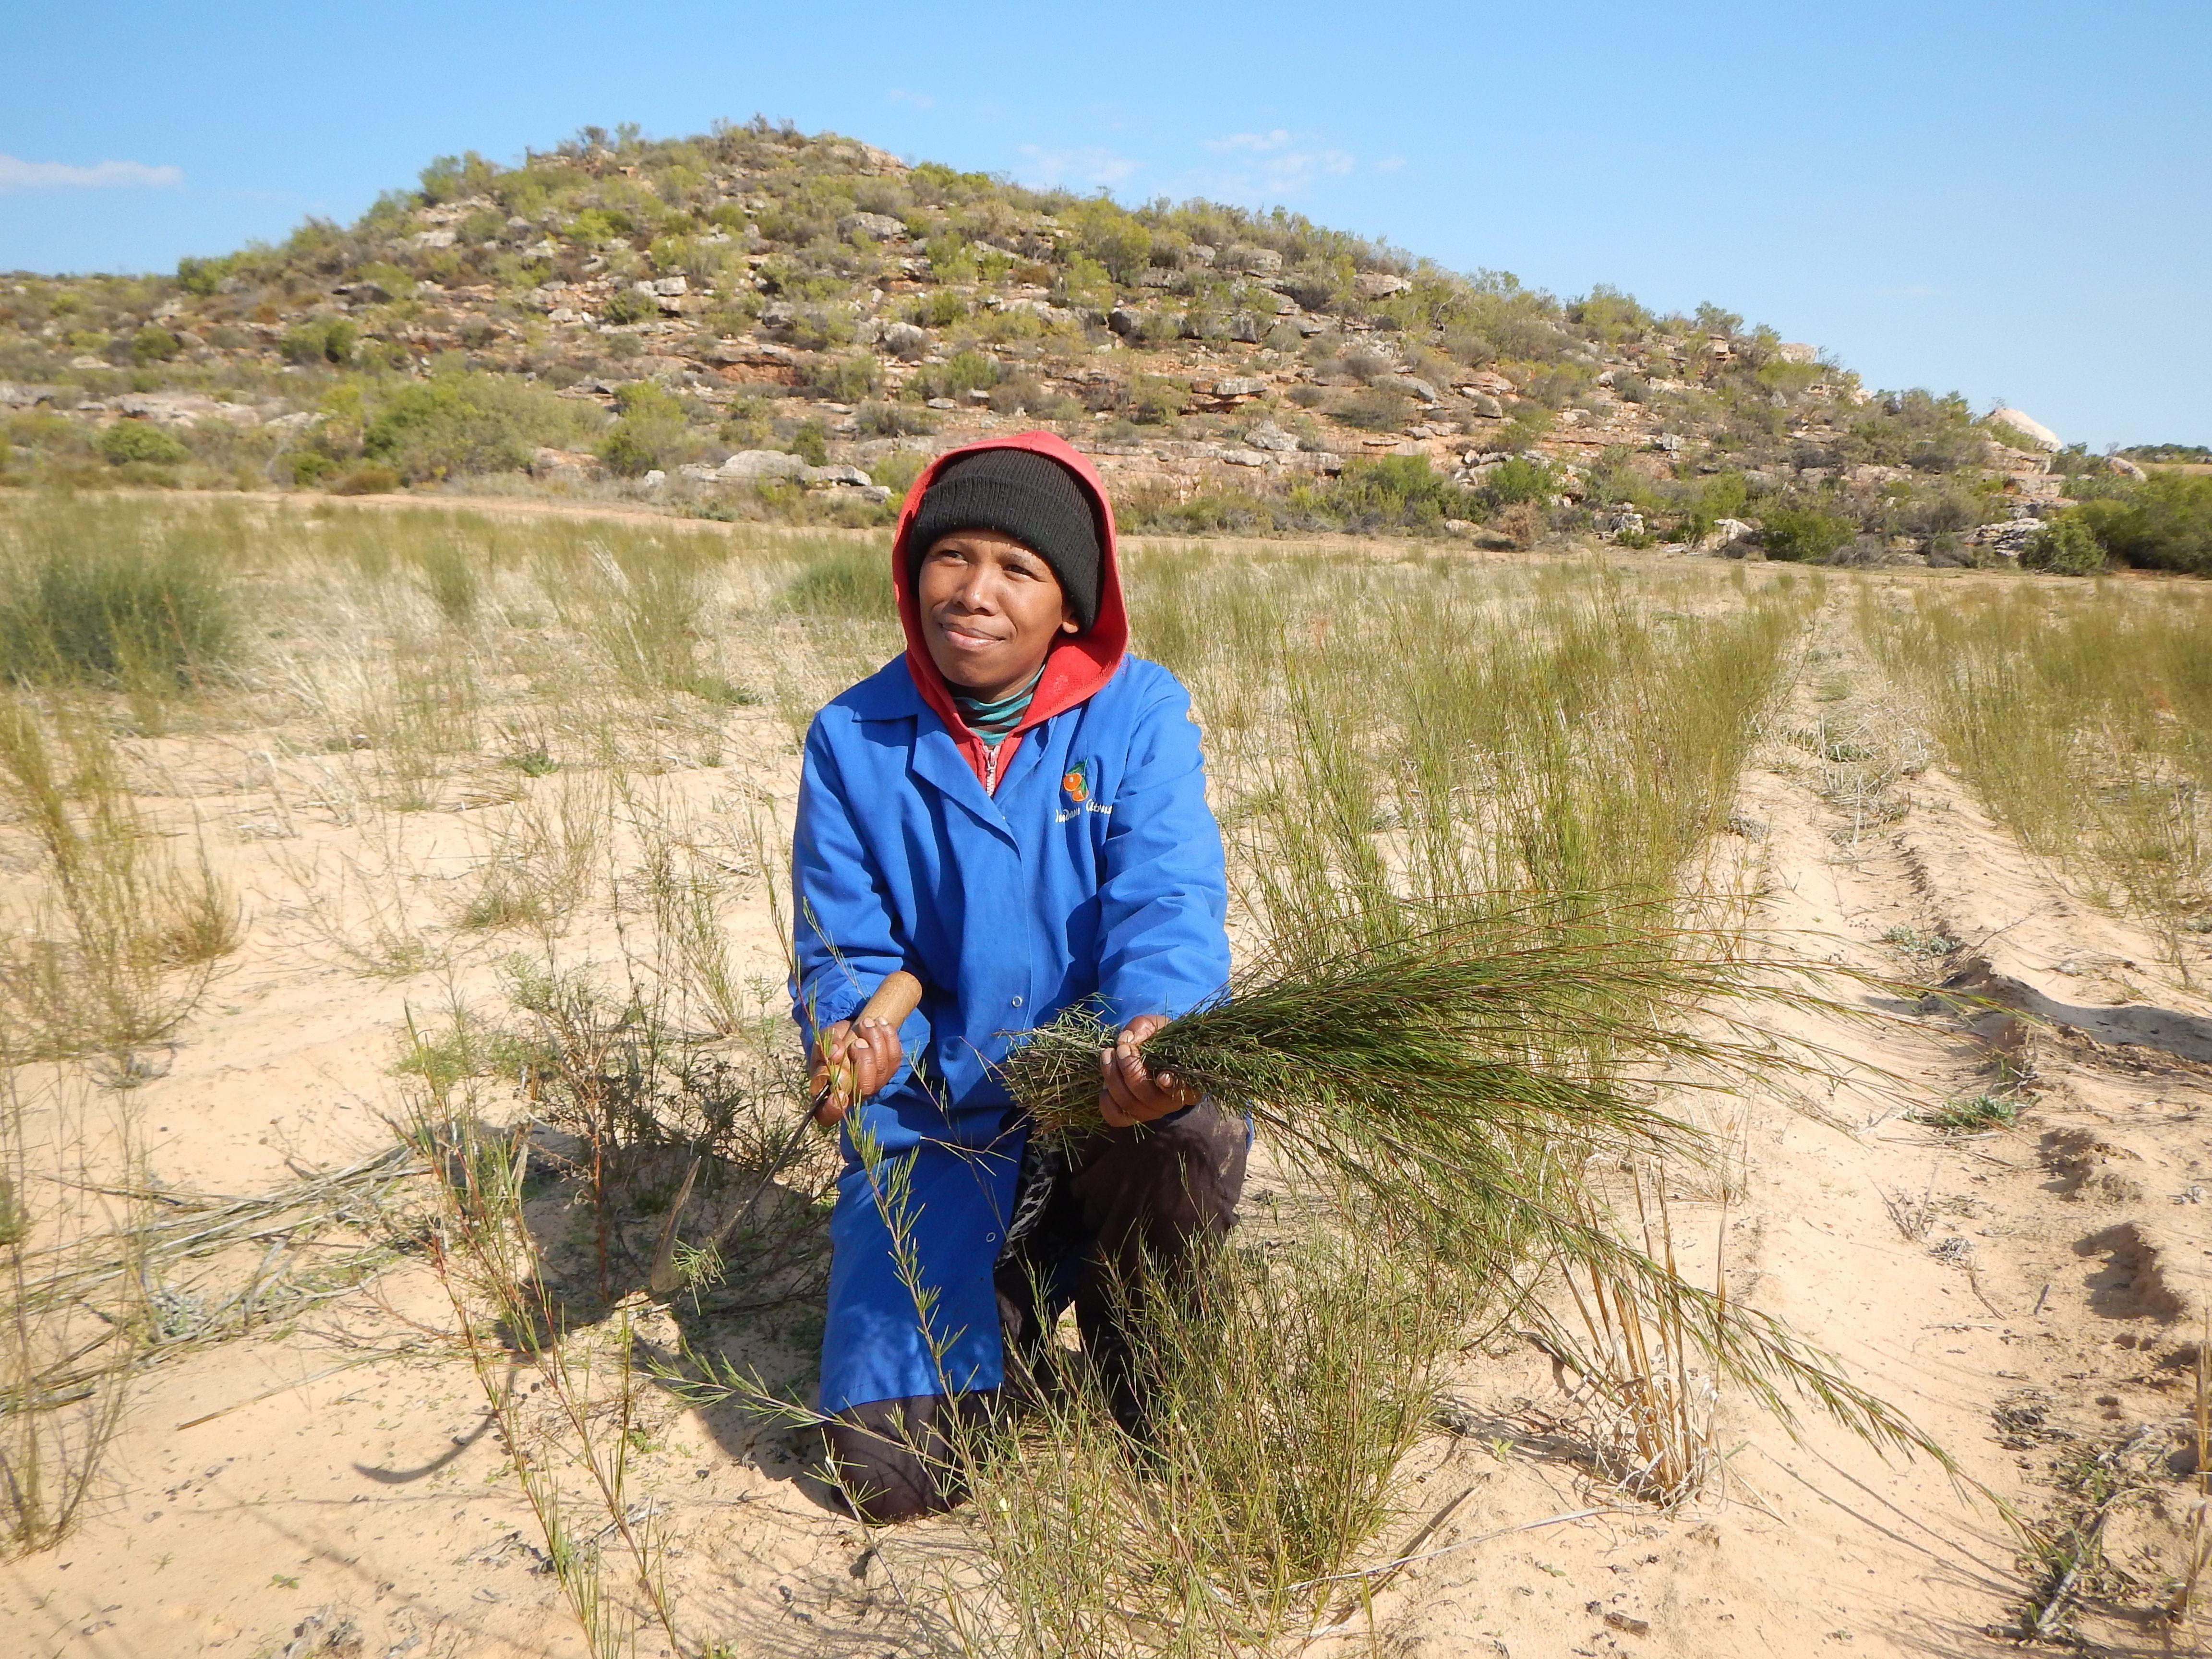 Röster från Rooibosodlare i Sydafrika